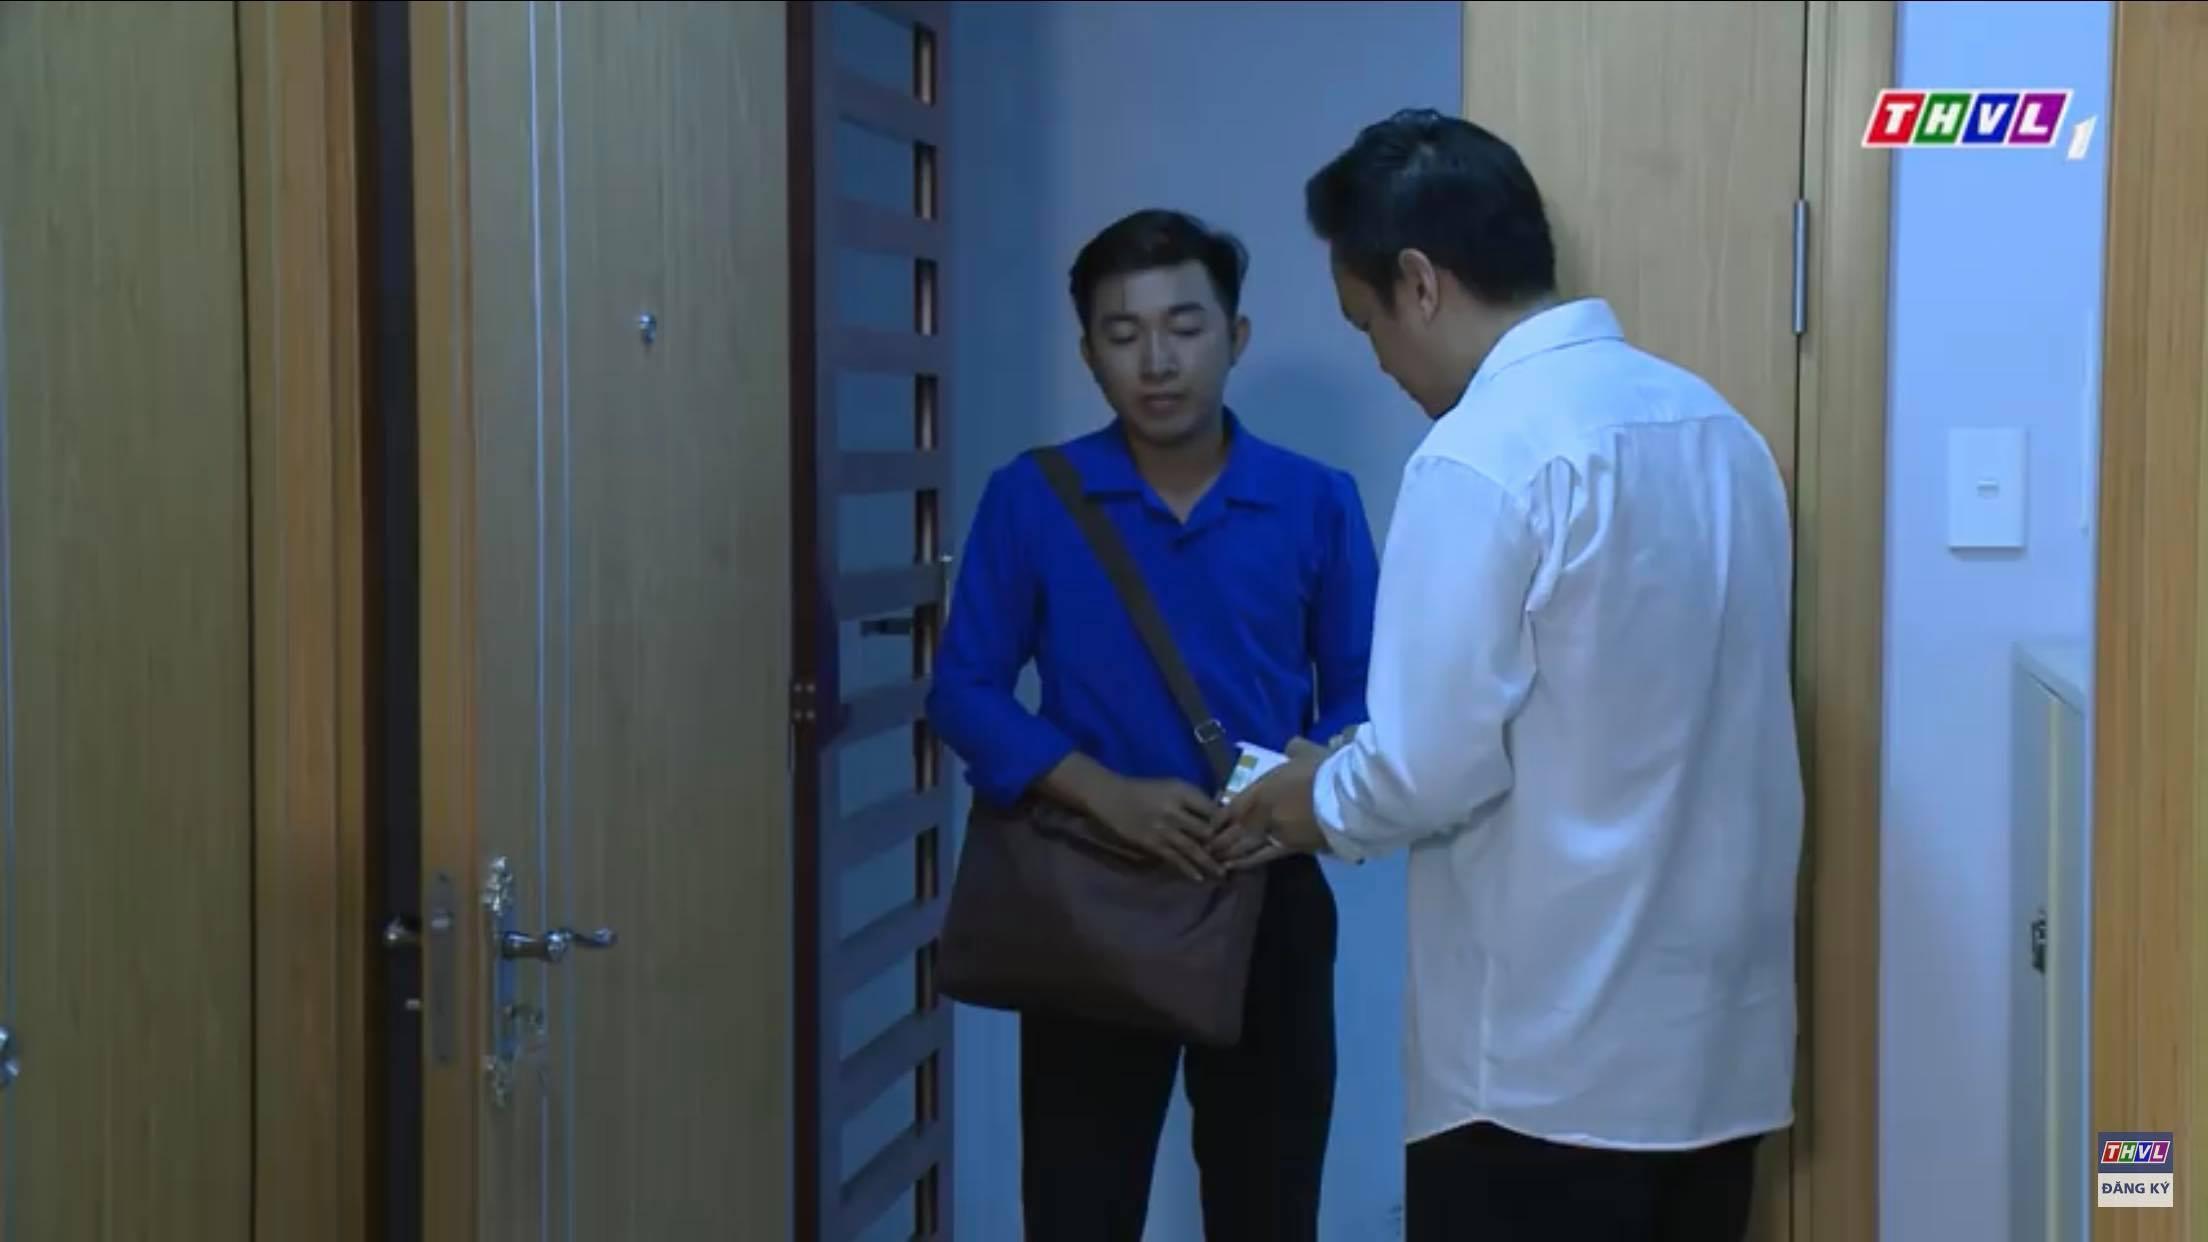 'Không lối thoát tập' 31: Vốn là tên giết người hàng loạt, bác sĩ Minh quyết thủ tiêu luôn cả 'bồ nhí' lẫn tình địch để bịt đầu mối - 2